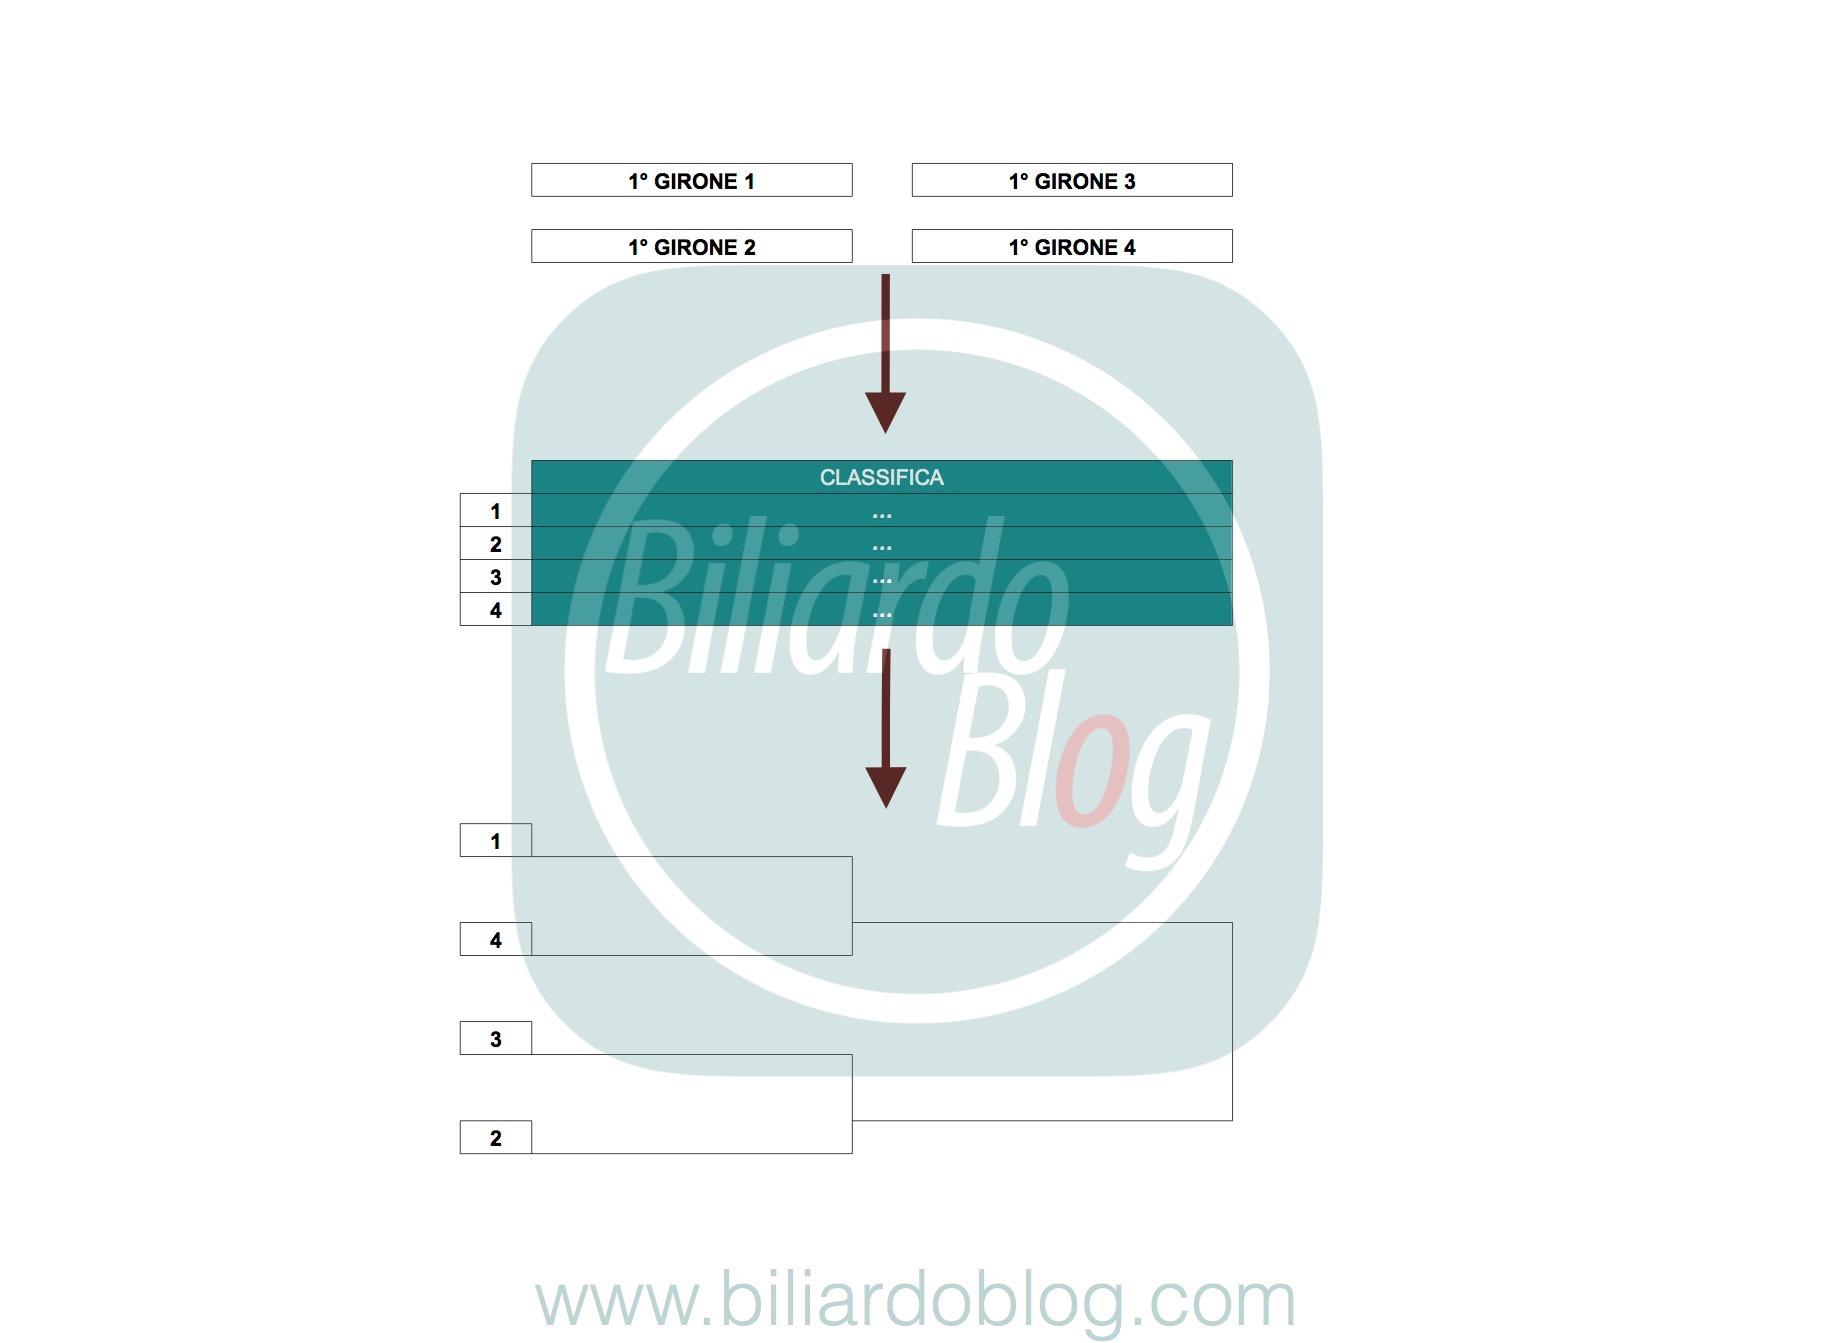 Campionato BTP di Biliardo 2017 2018: fase finale Pro